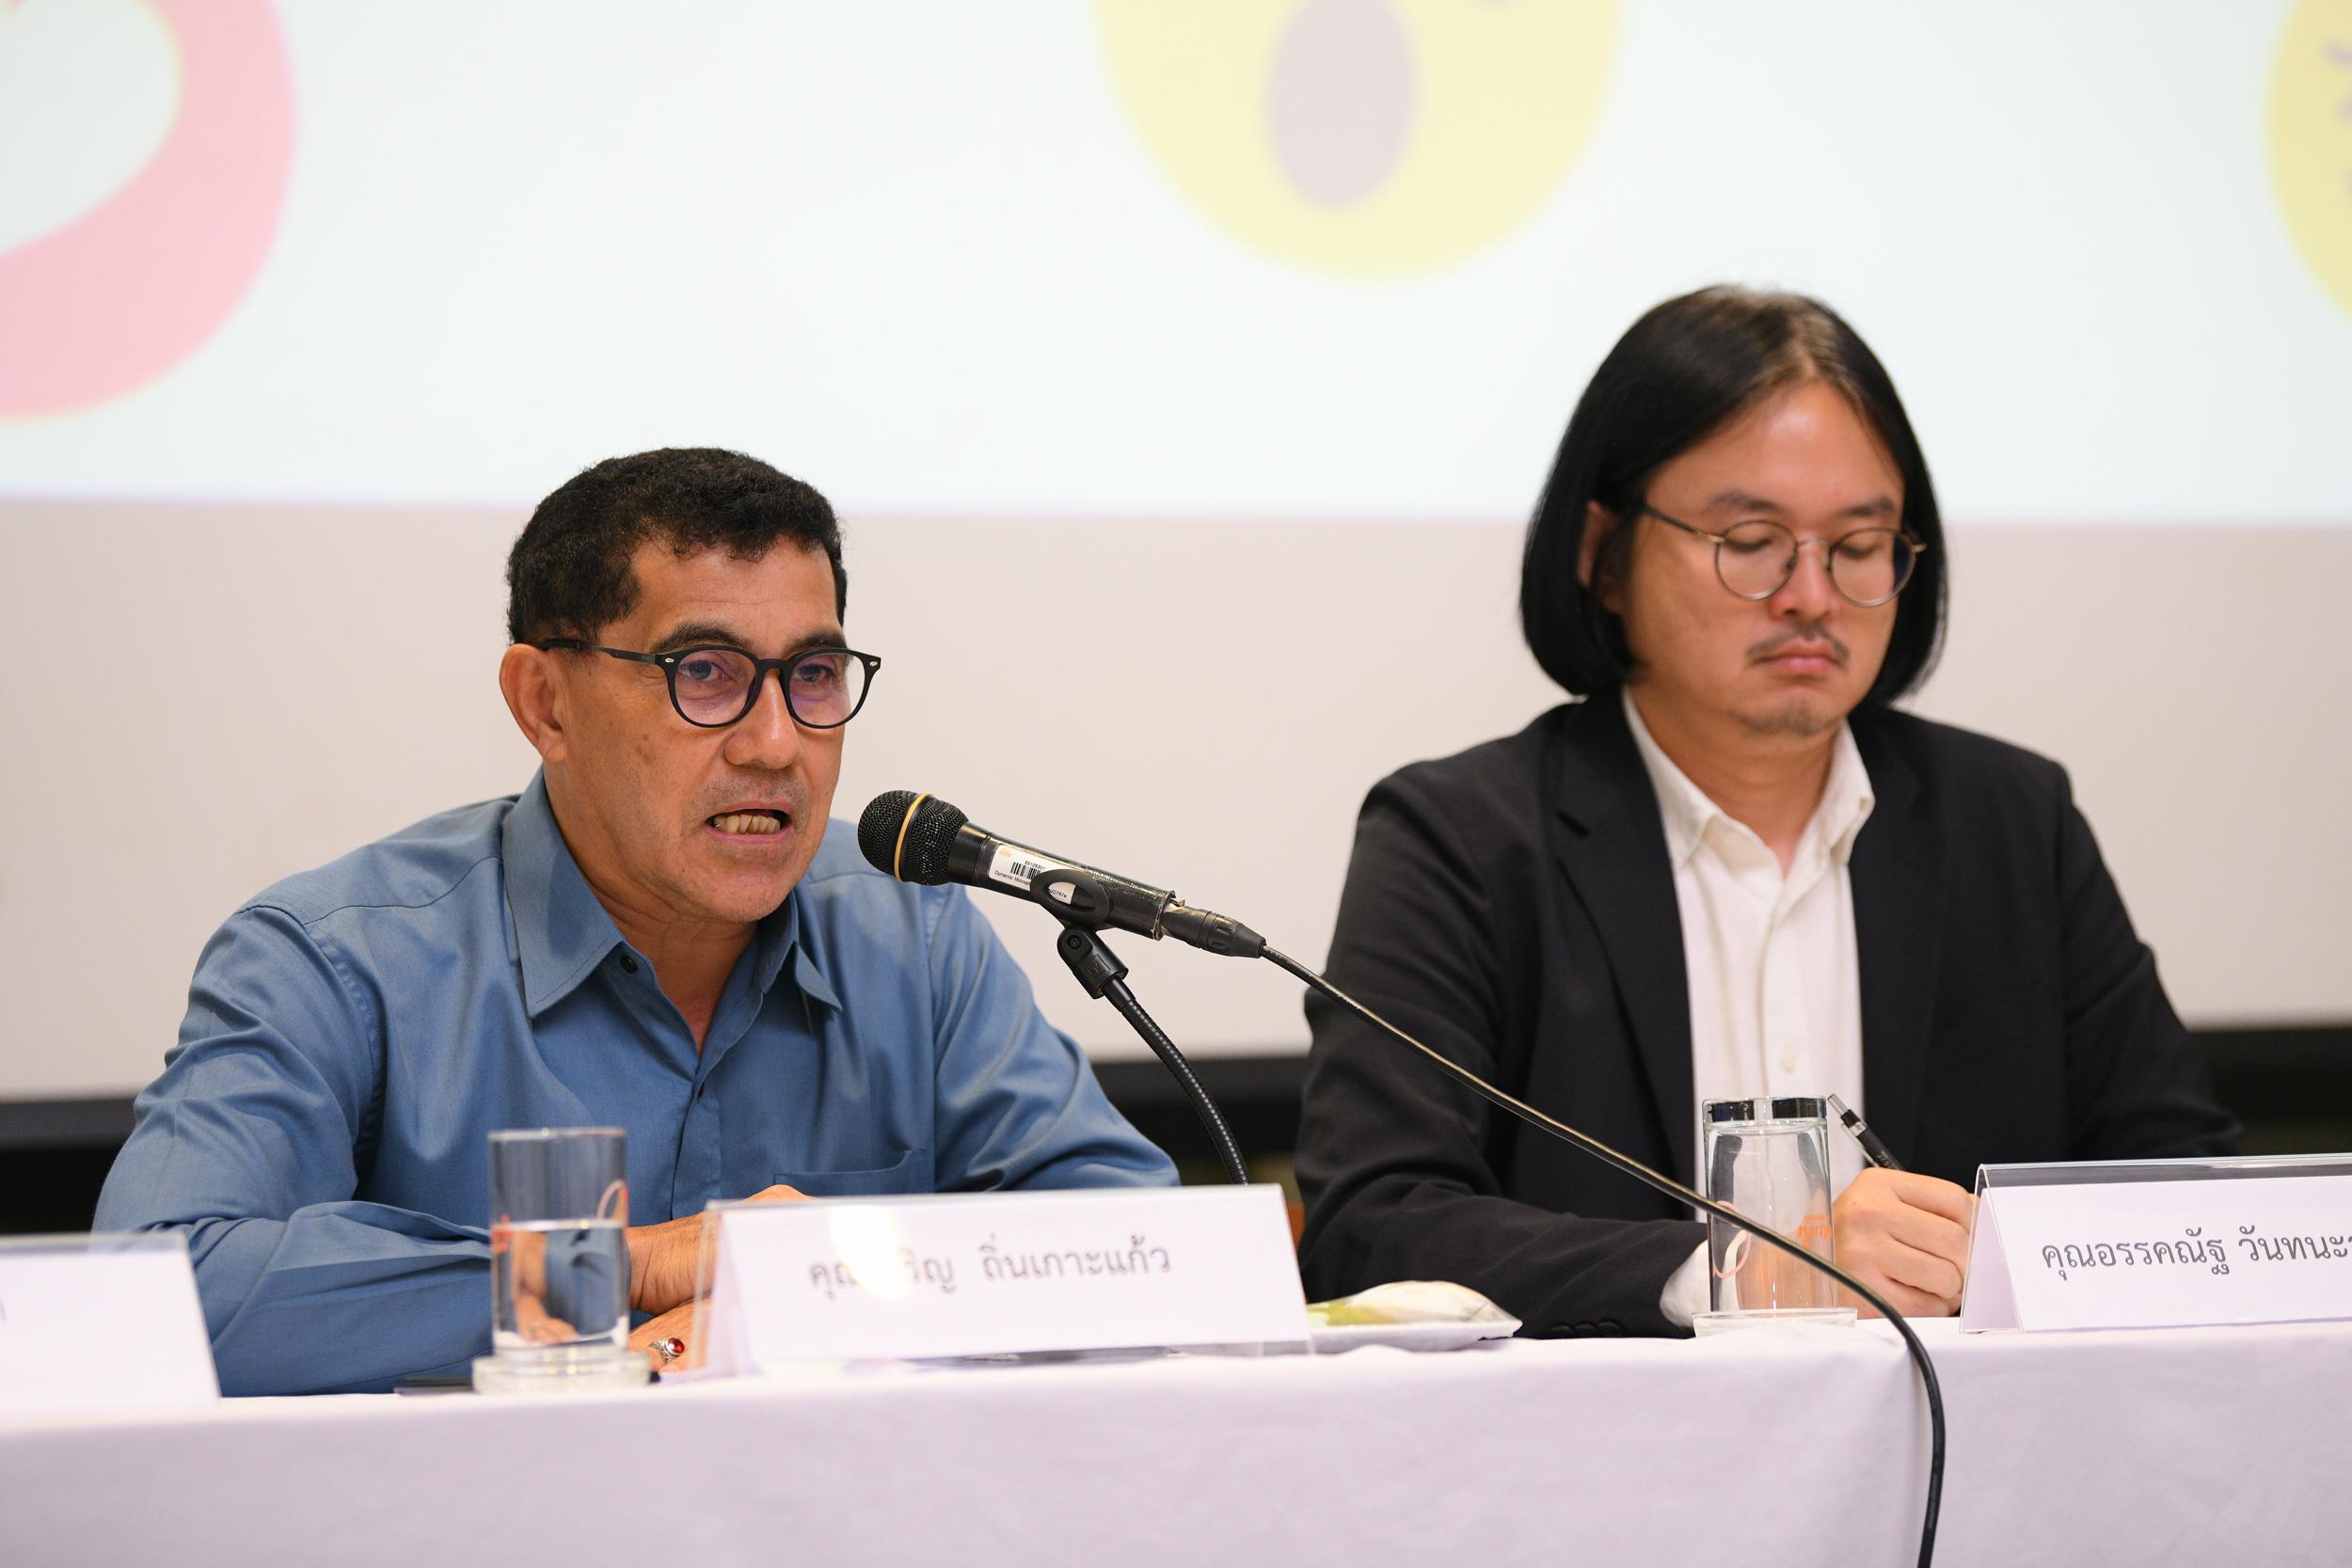 สังคมไทยควรใช้เทคโนโลยีสู้ข่าวลวงต้านเกลียดชัง? thaihealth